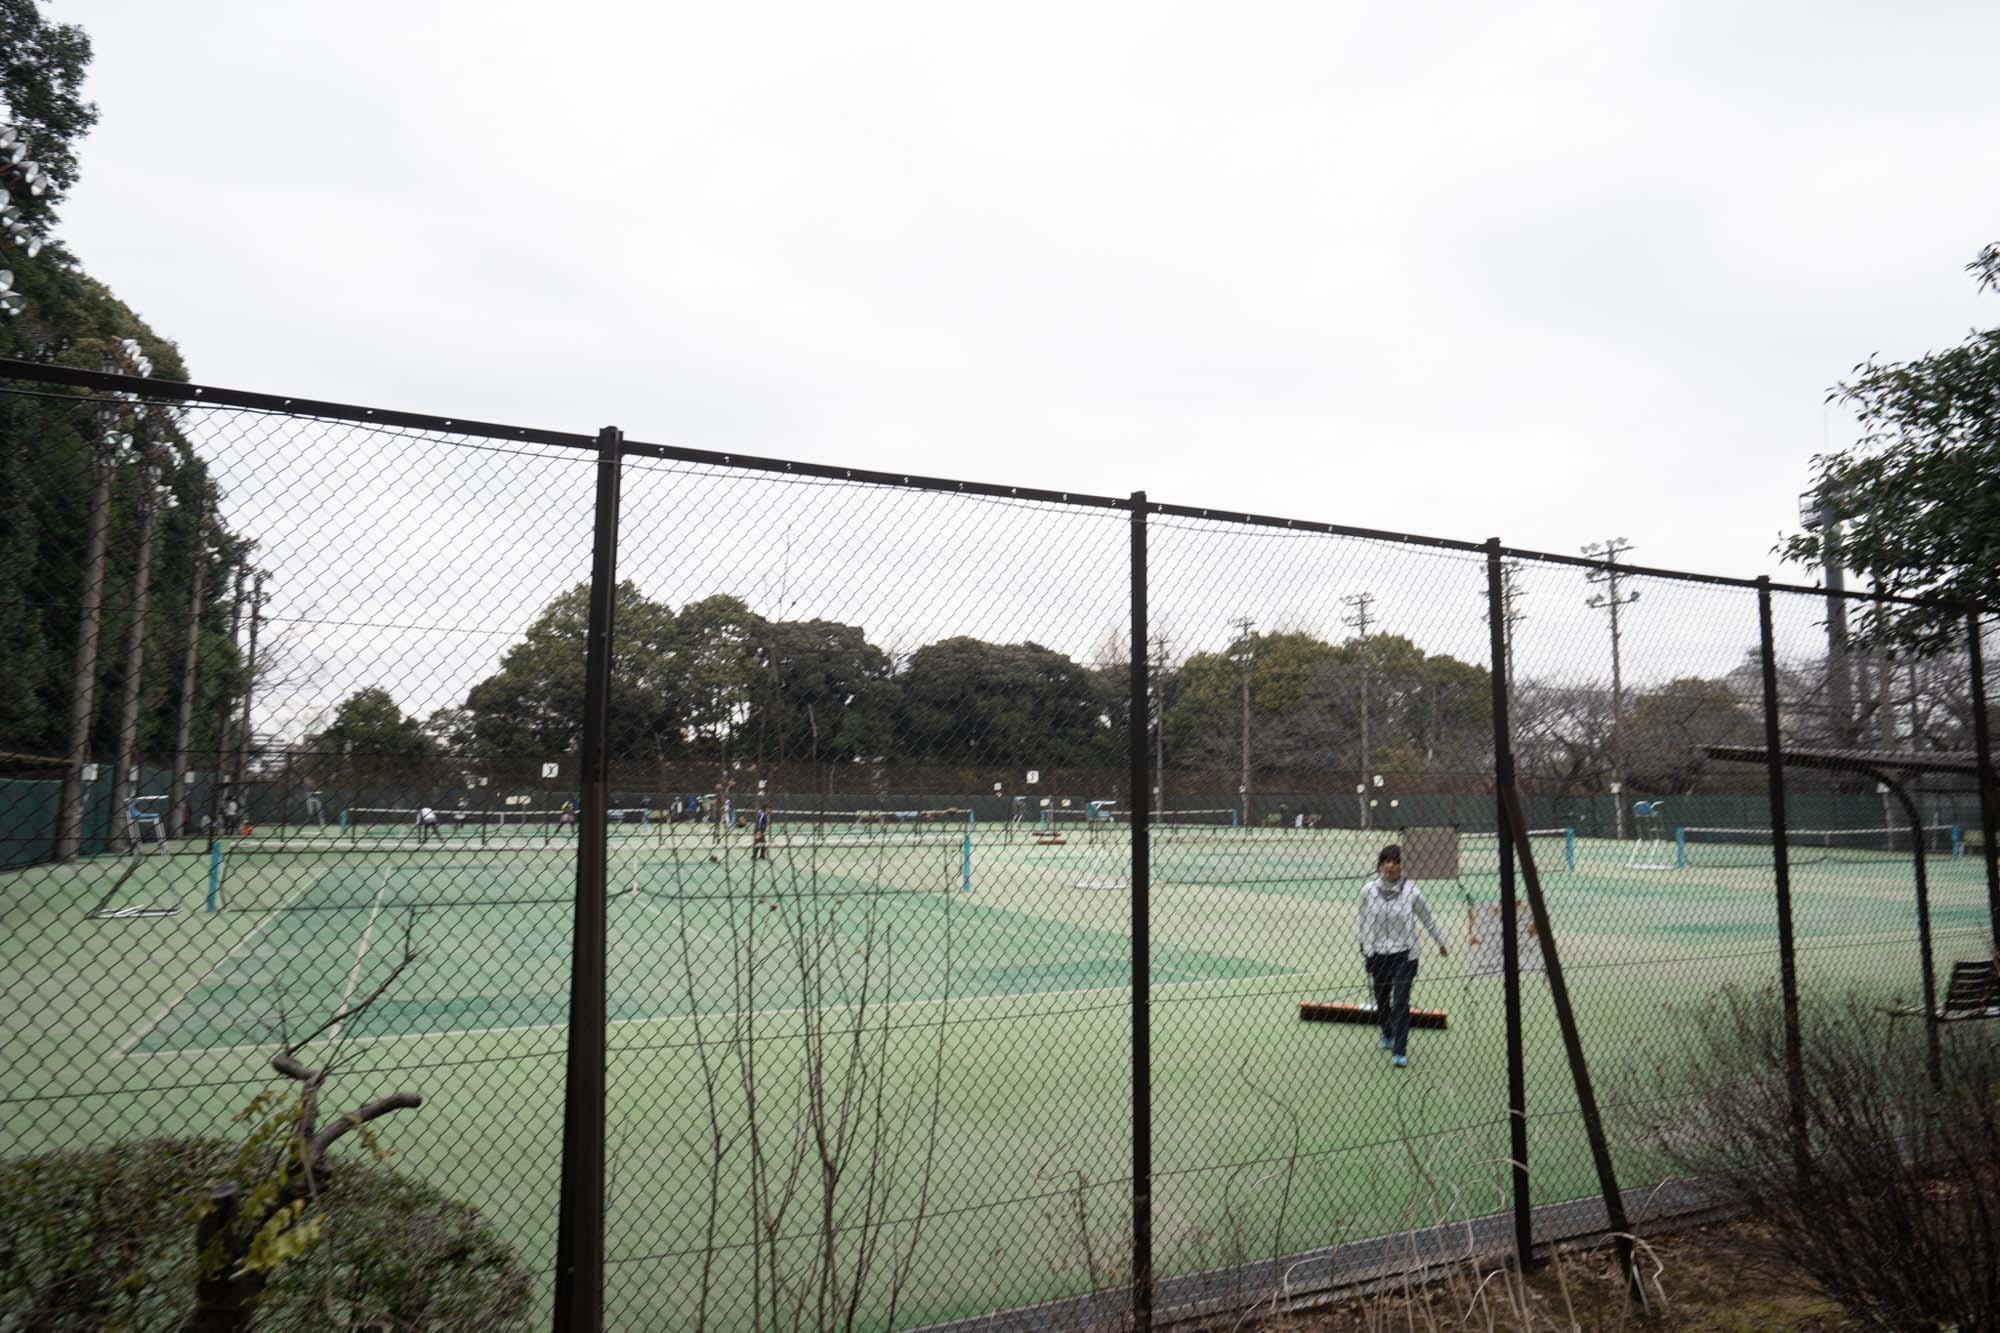 野球場、テニスコート、弓道場も公園の中にあり、地元の人たちが活用されています。